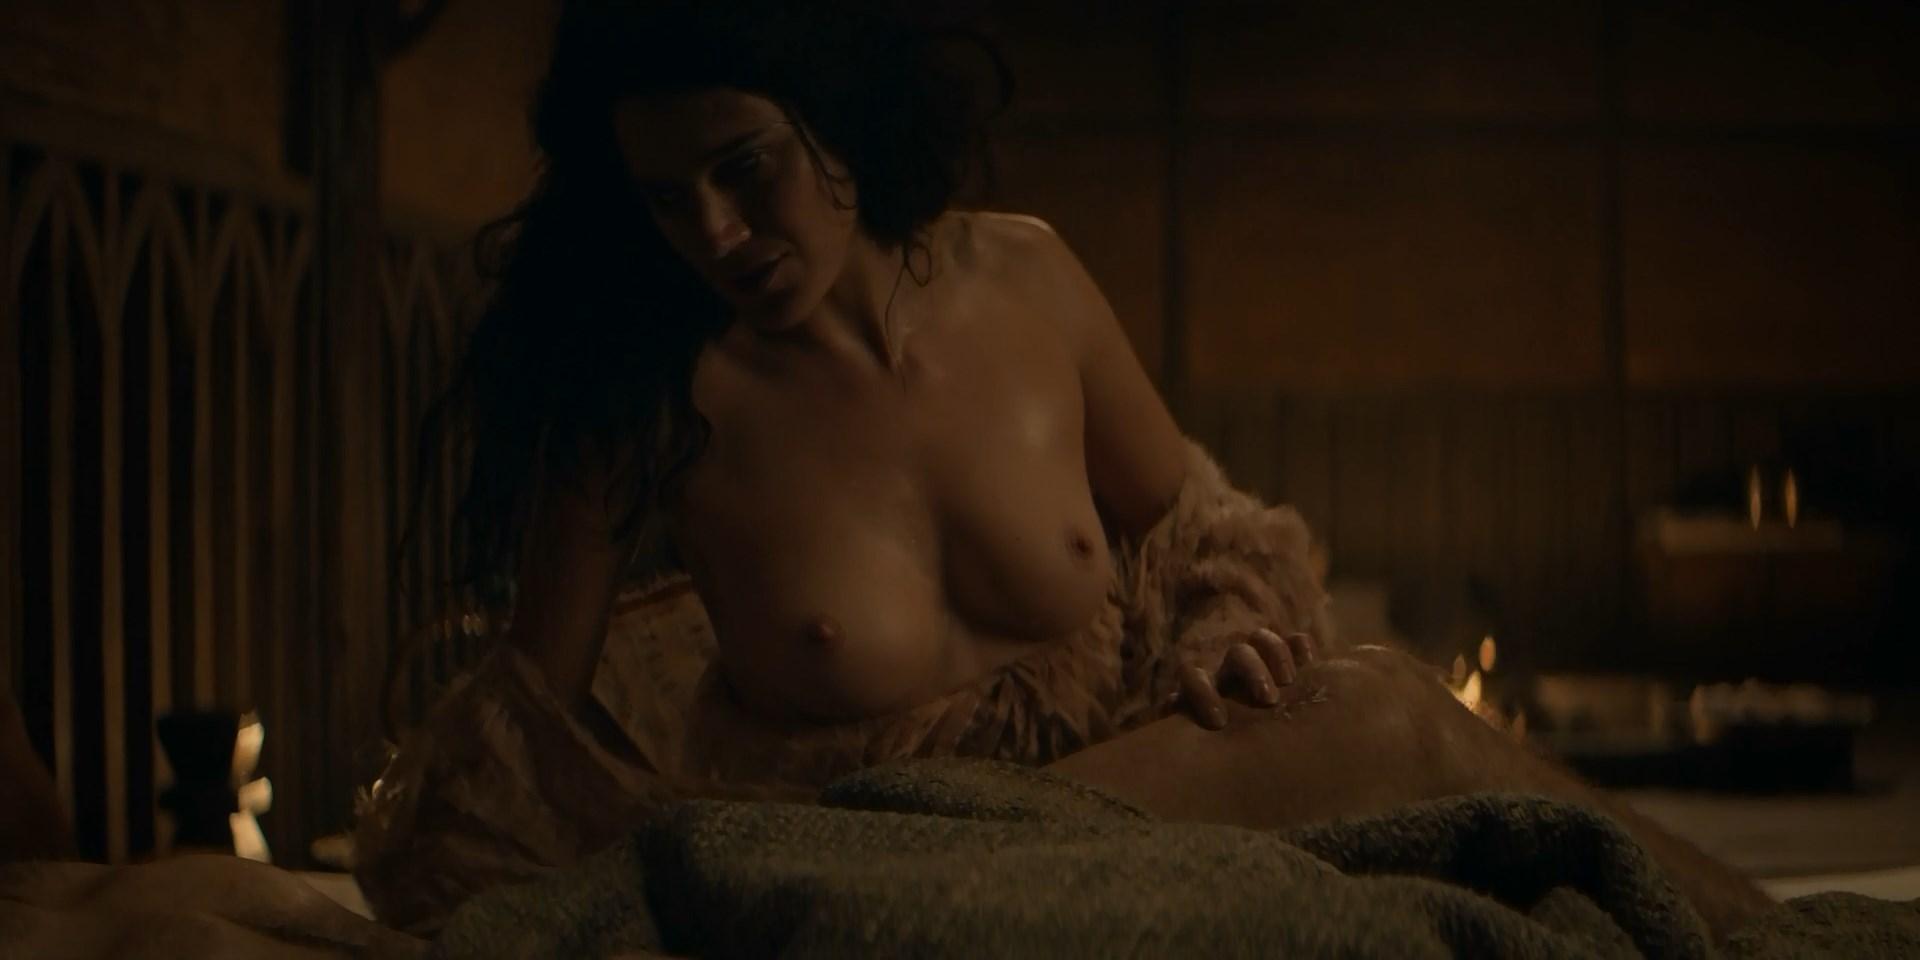 De nackt  Mimi Montmartre Nude Video